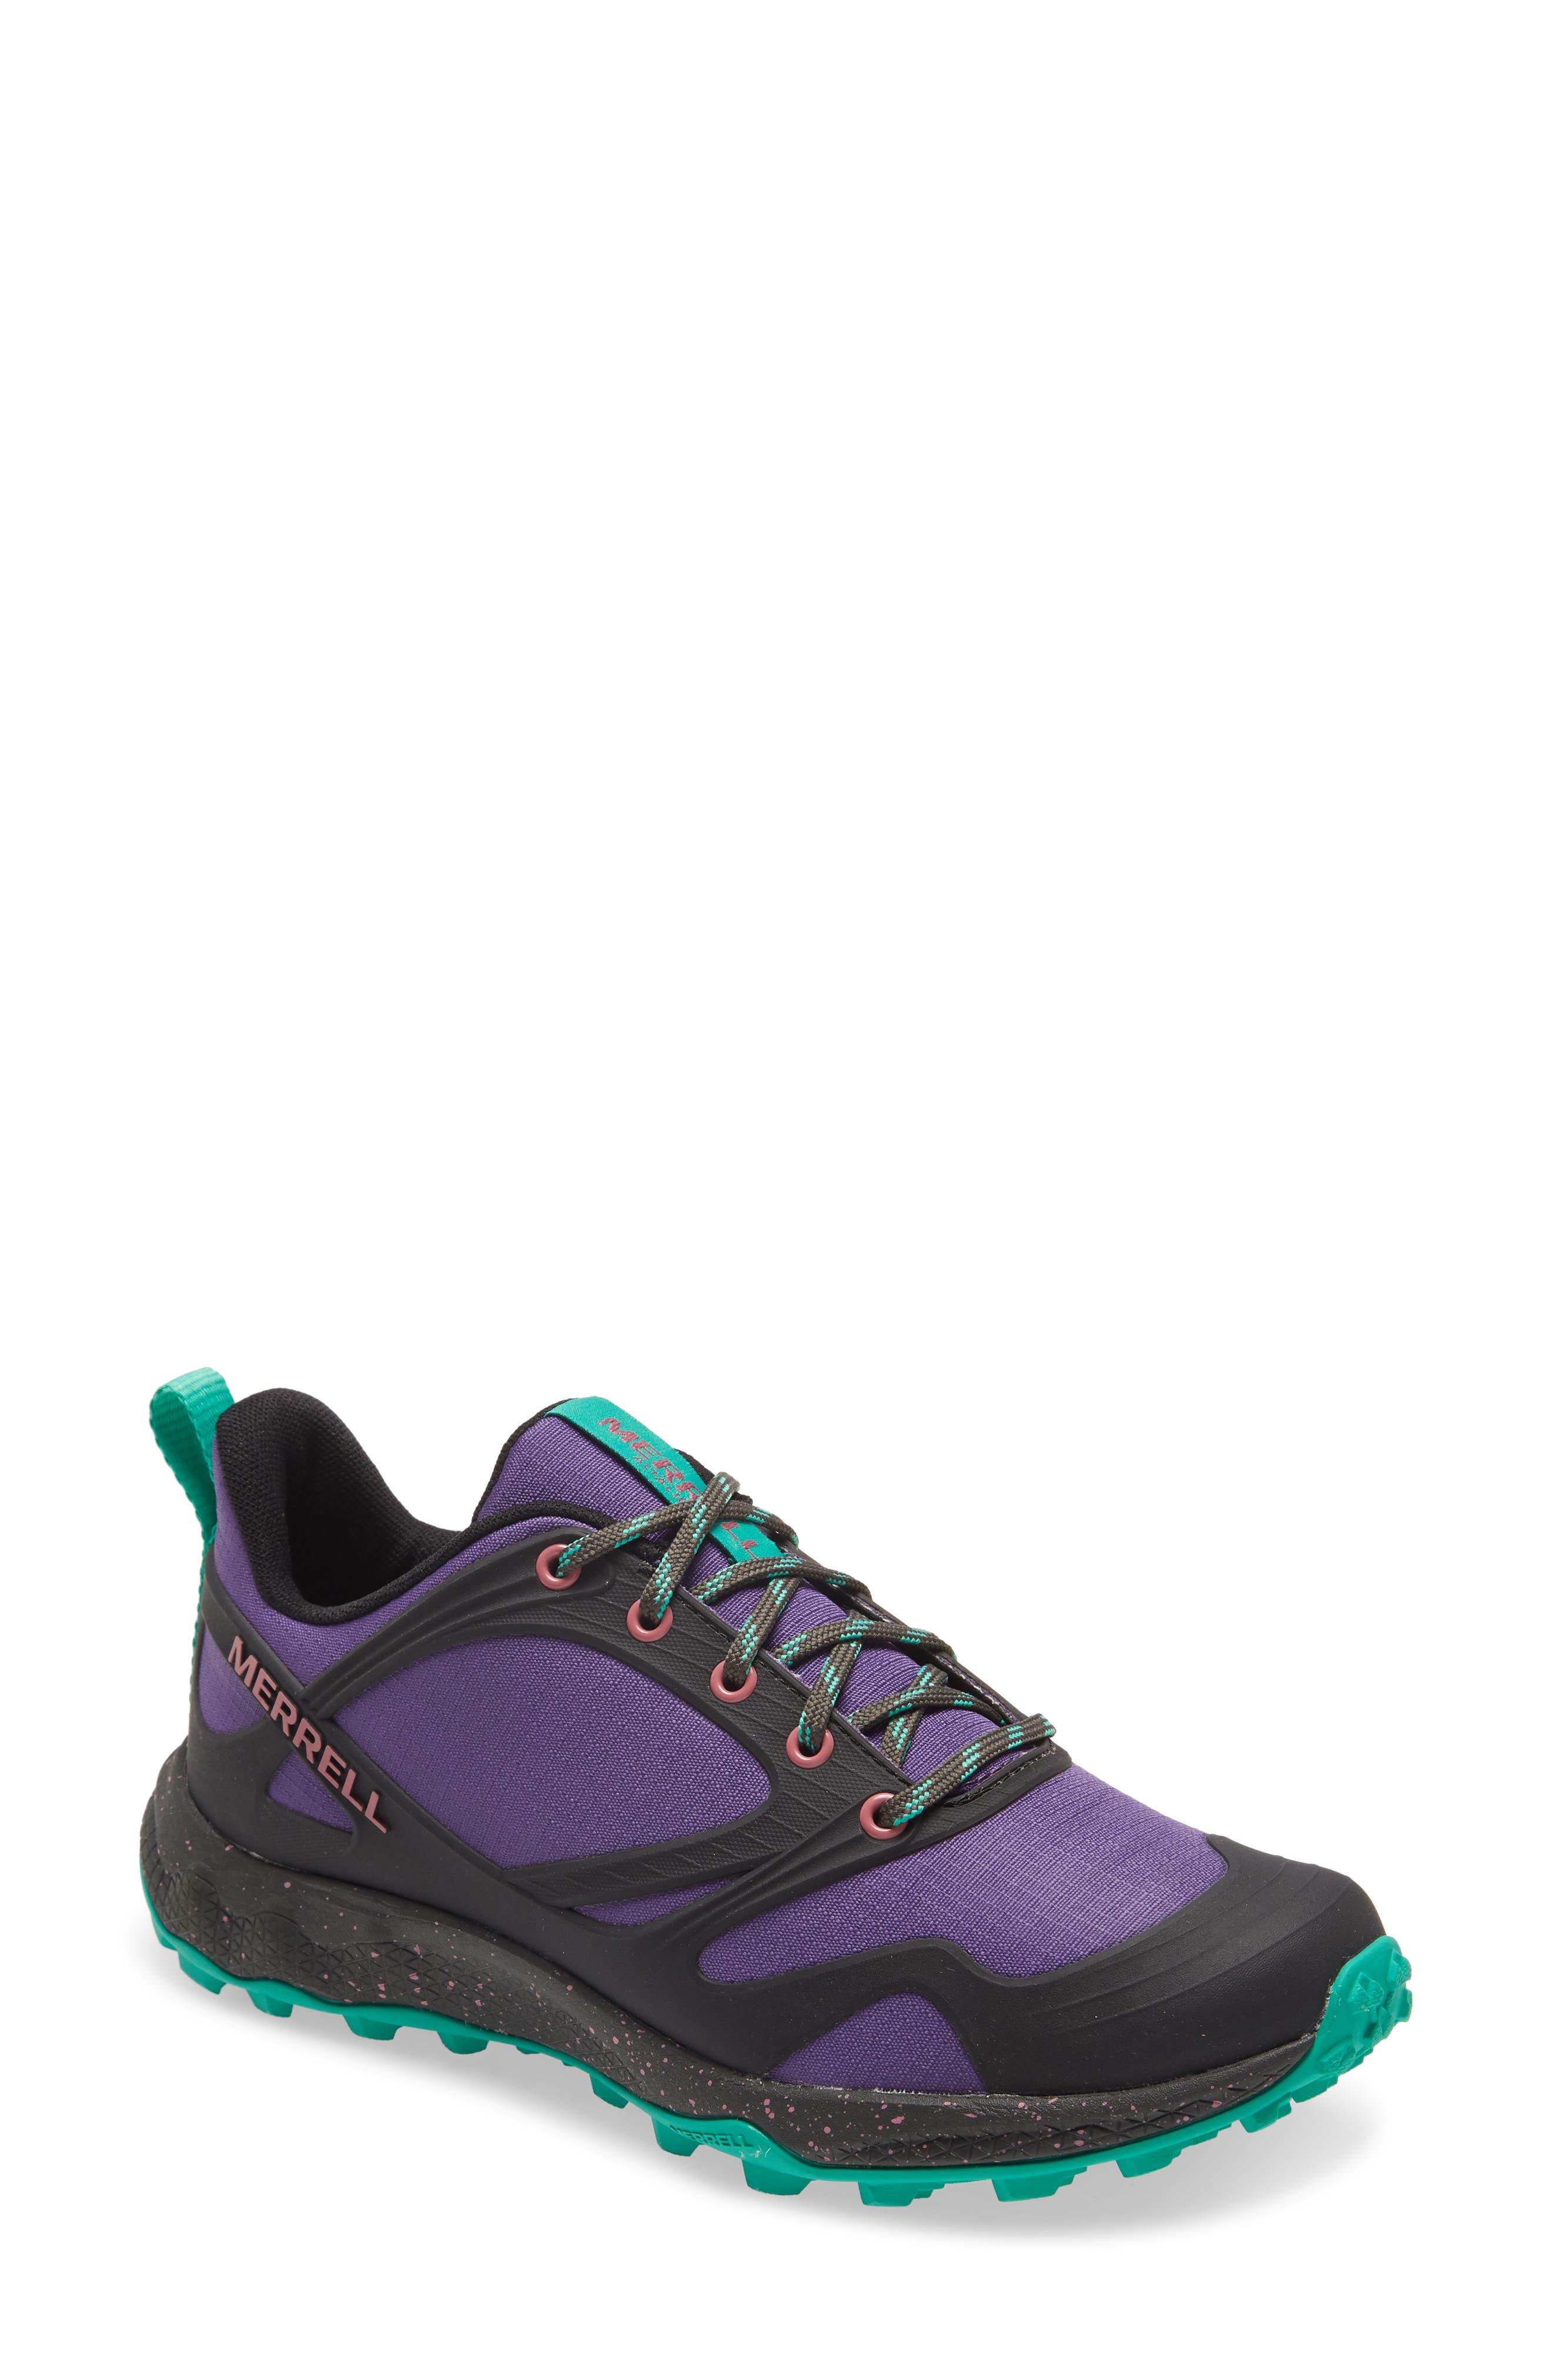 Altalight Hiking Sneaker